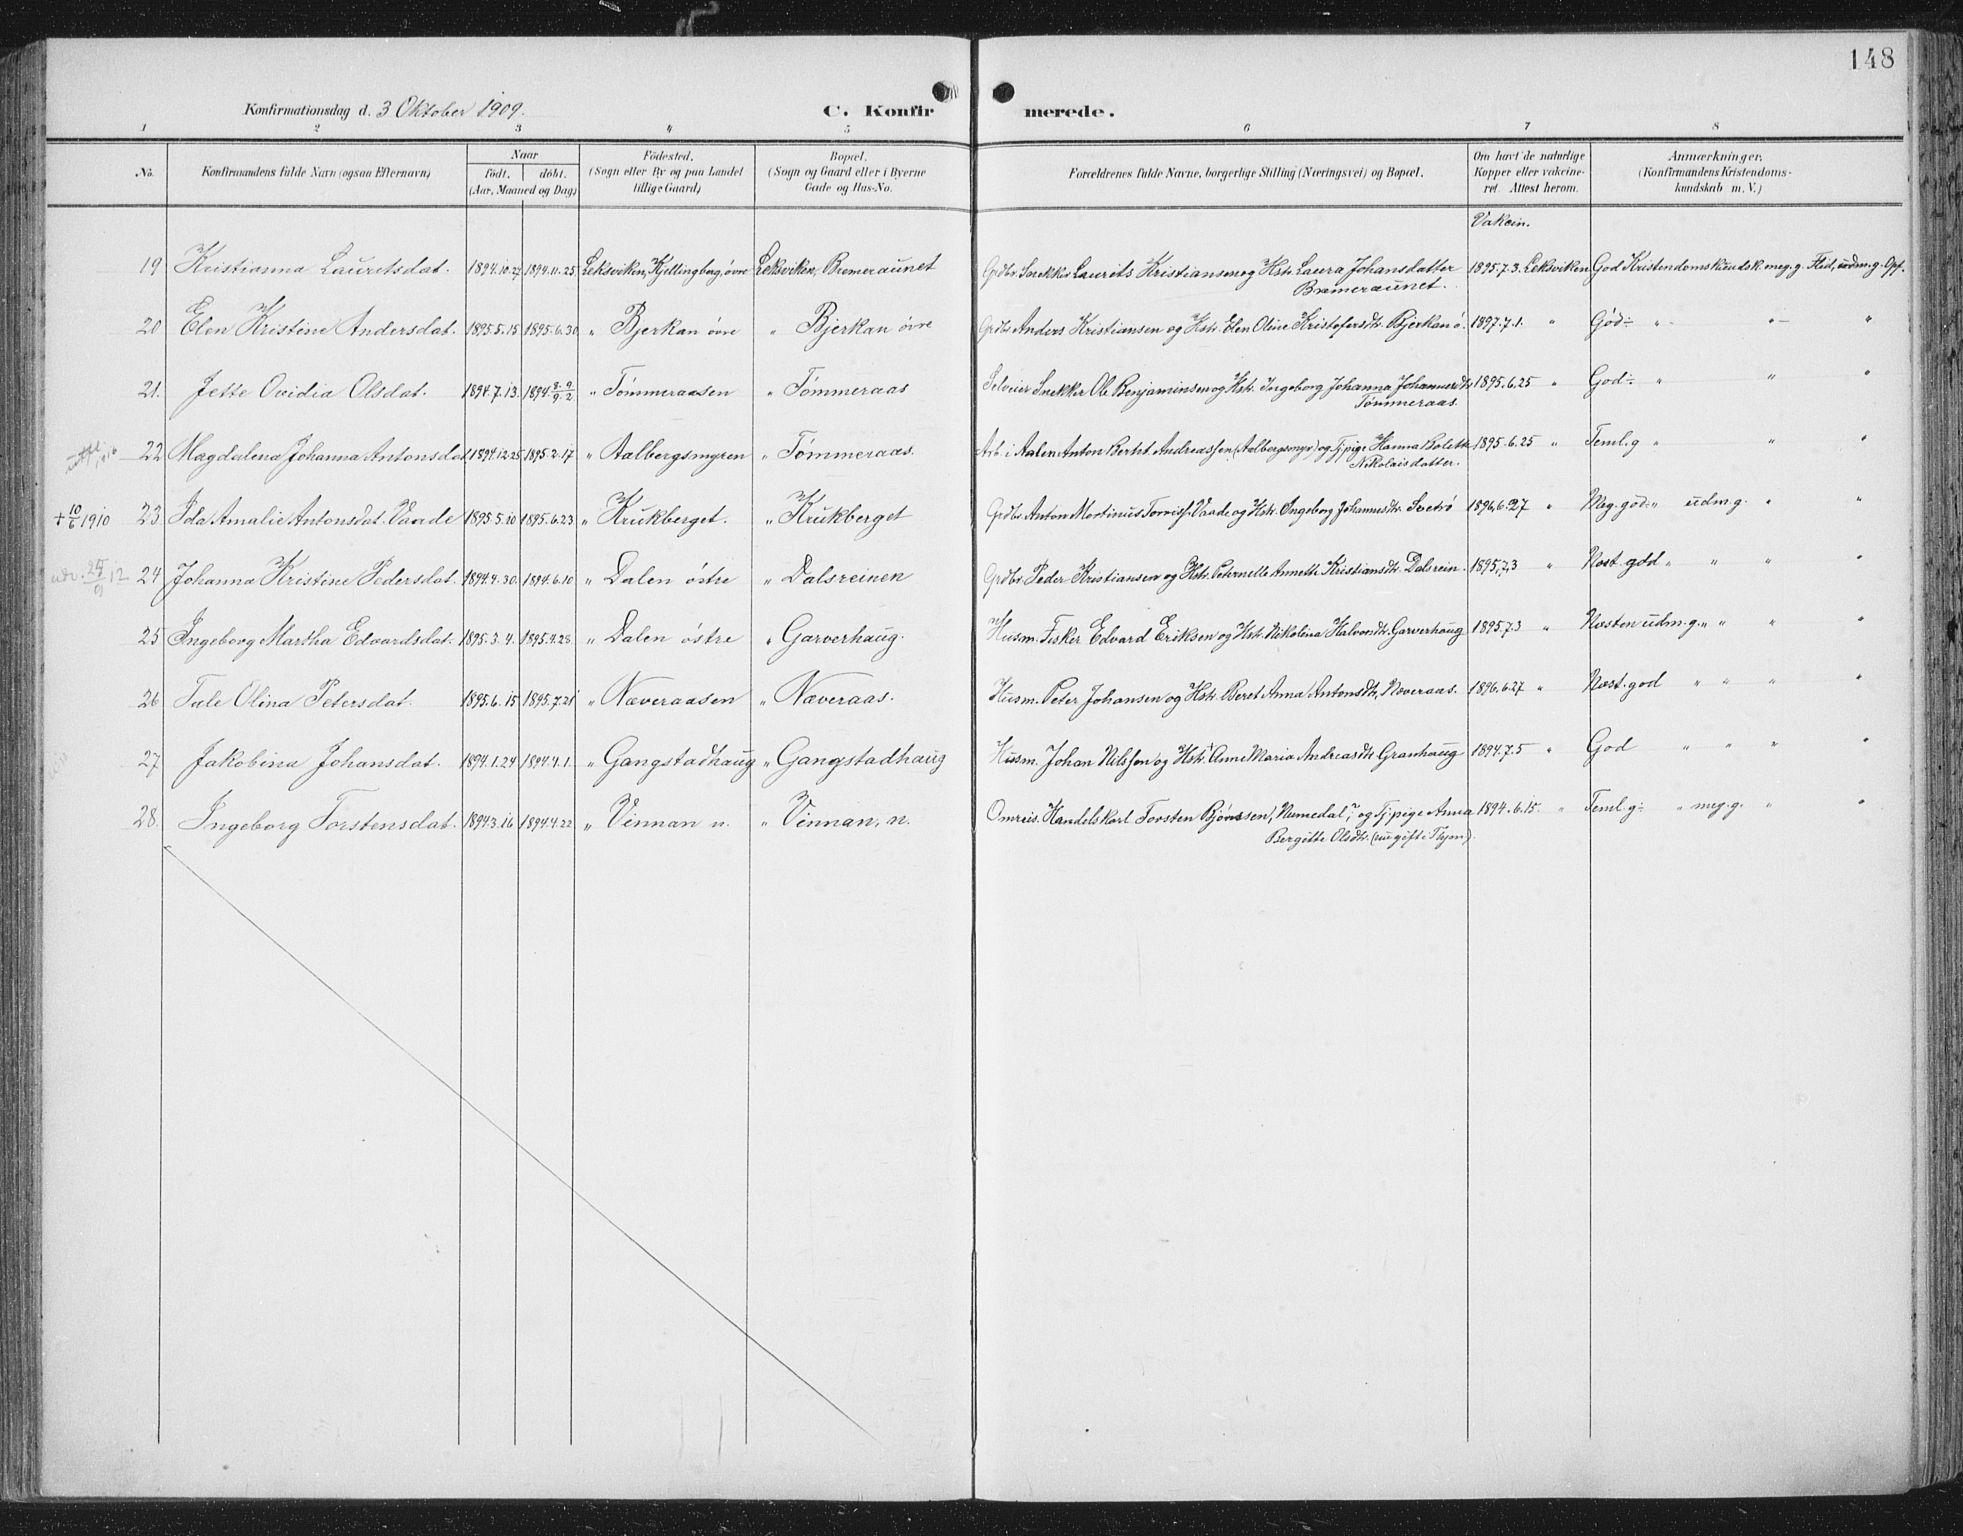 SAT, Ministerialprotokoller, klokkerbøker og fødselsregistre - Nord-Trøndelag, 701/L0011: Ministerialbok nr. 701A11, 1899-1915, s. 148